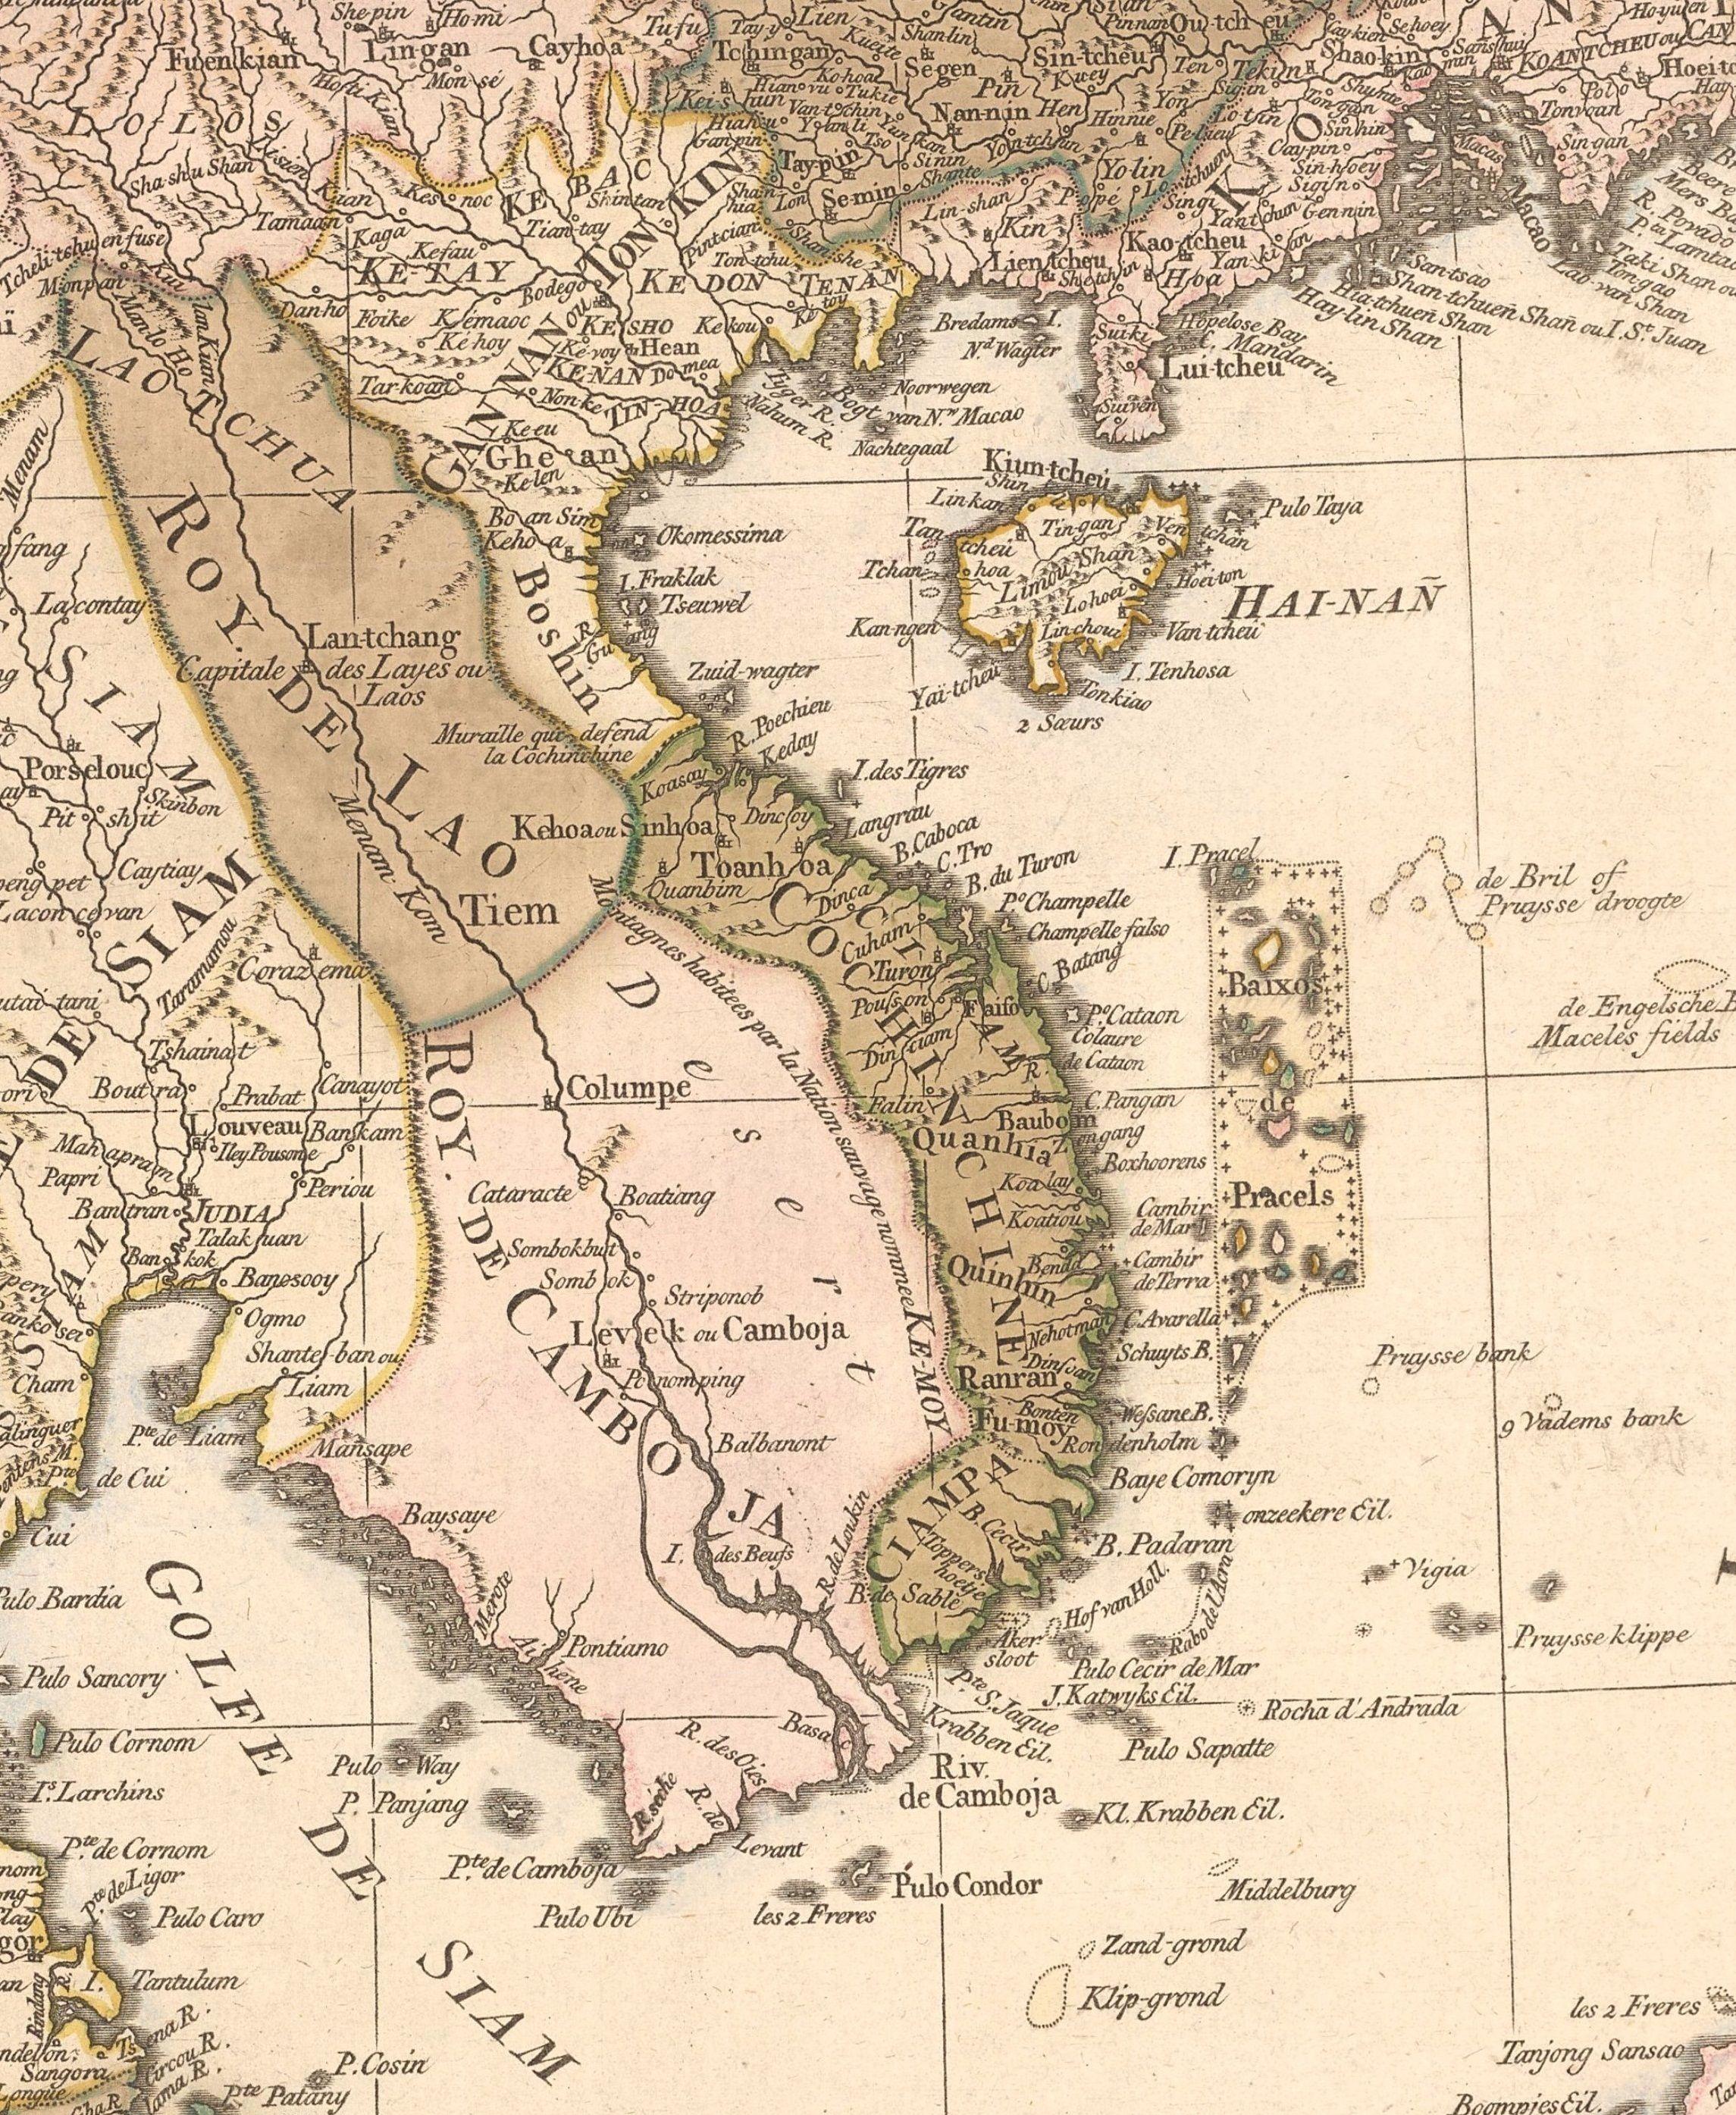 Kambodscha Karte.Sudostasien 1760 Karte Vietnam Laos Kambodscha